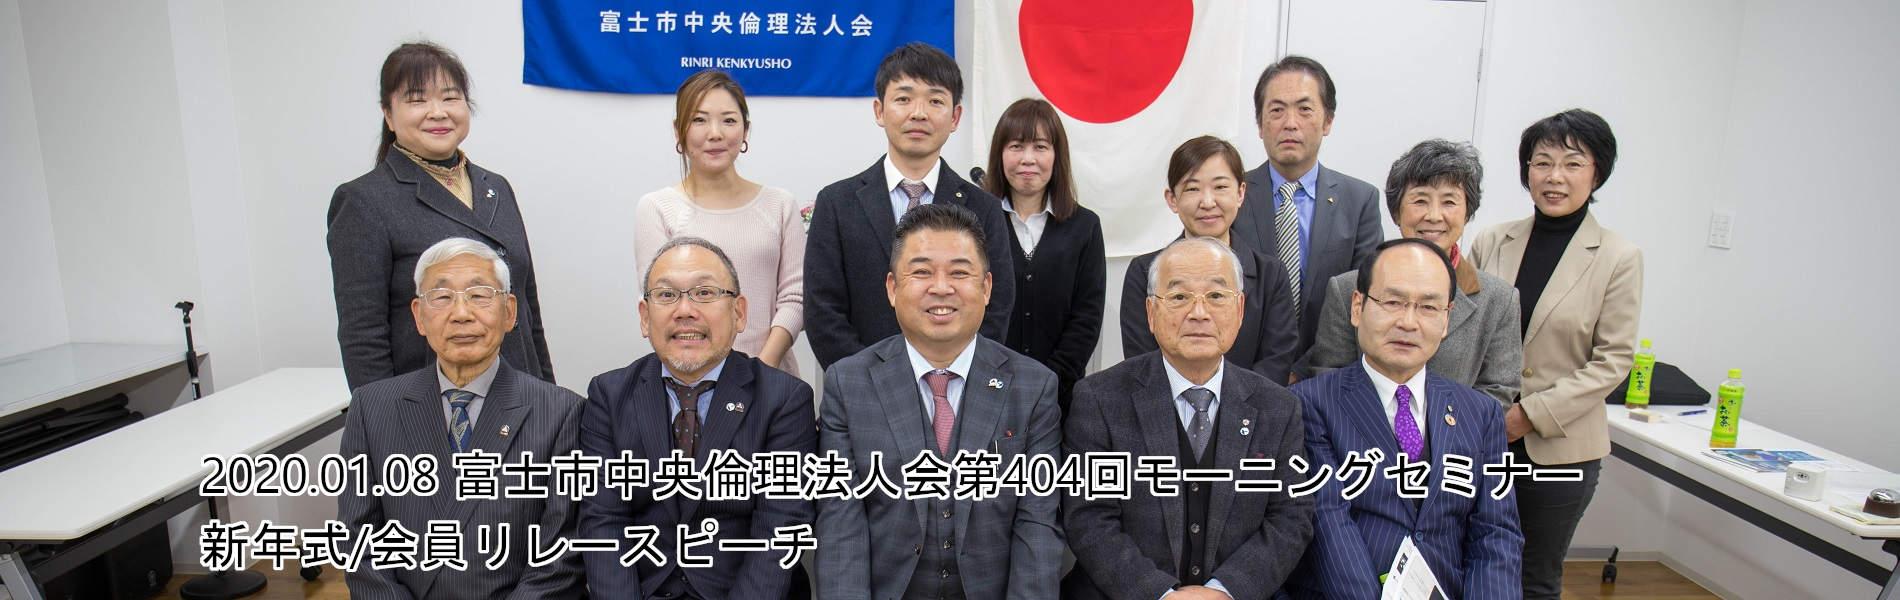 第393回モーニングセミナー 講師:増田哲也 氏